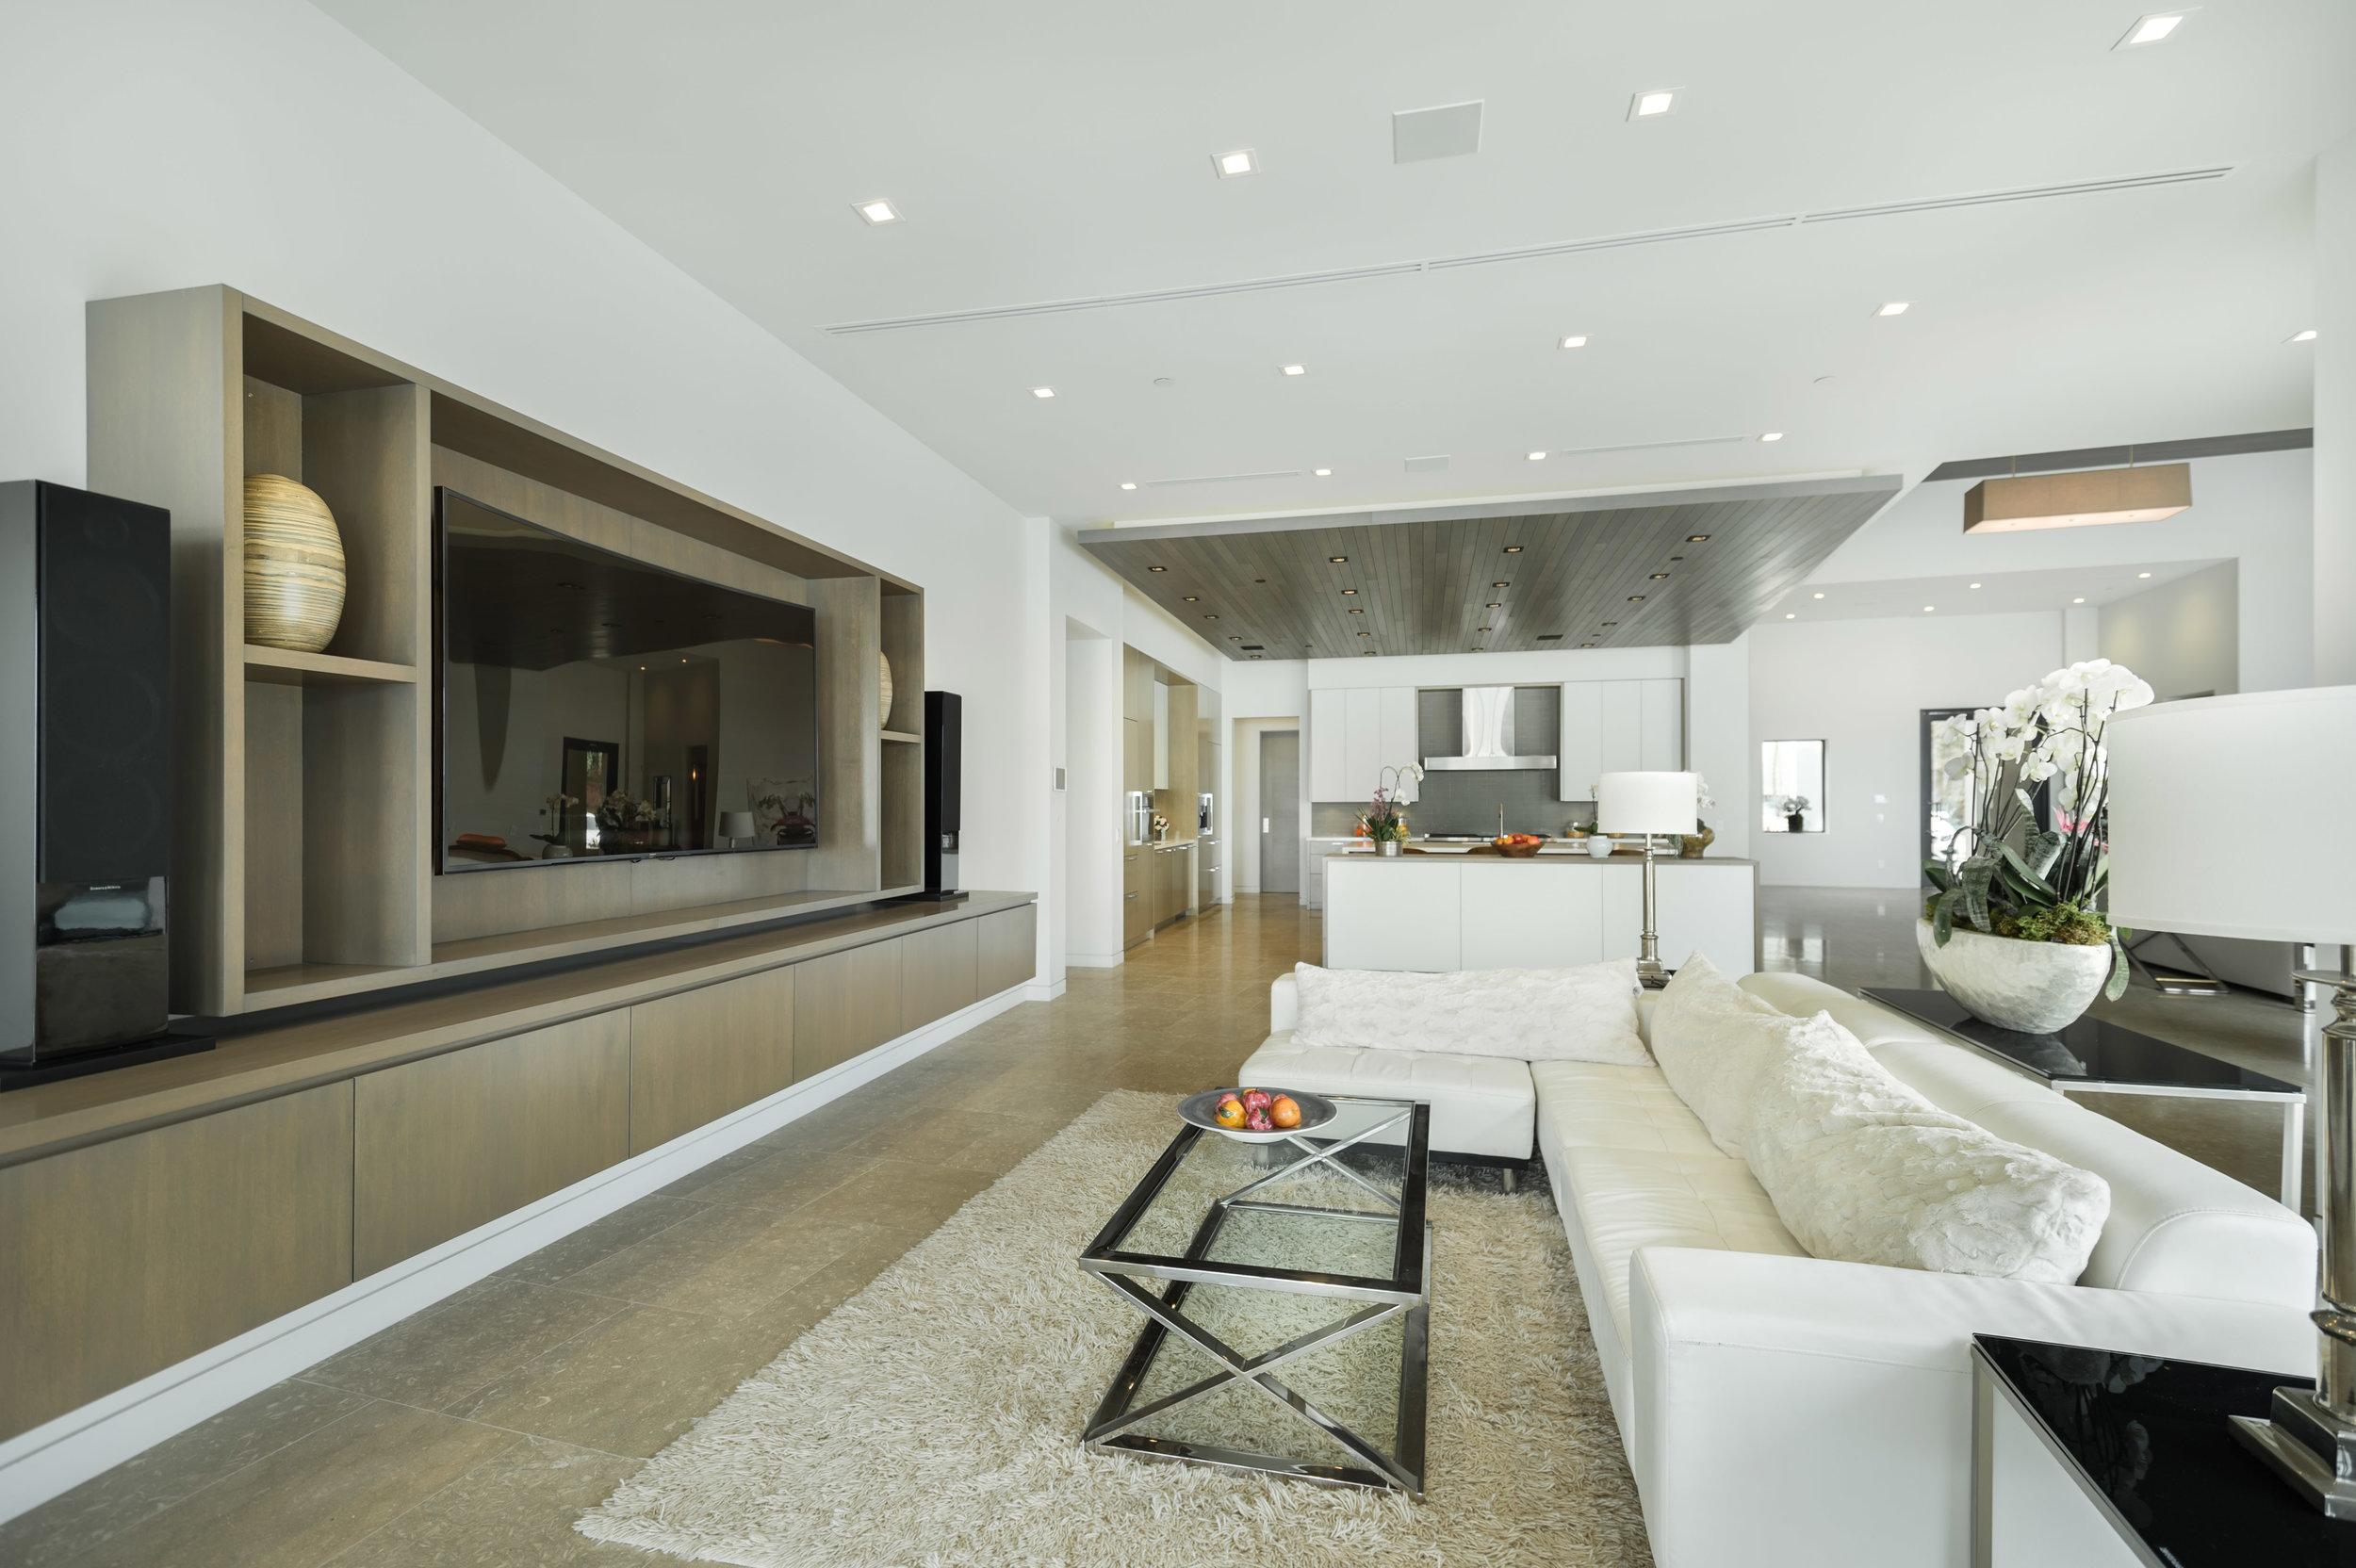 010 living room 2 11902 Ellice Street Malibu For Sale The Malibu Life Team Luxury Real Estate.jpg